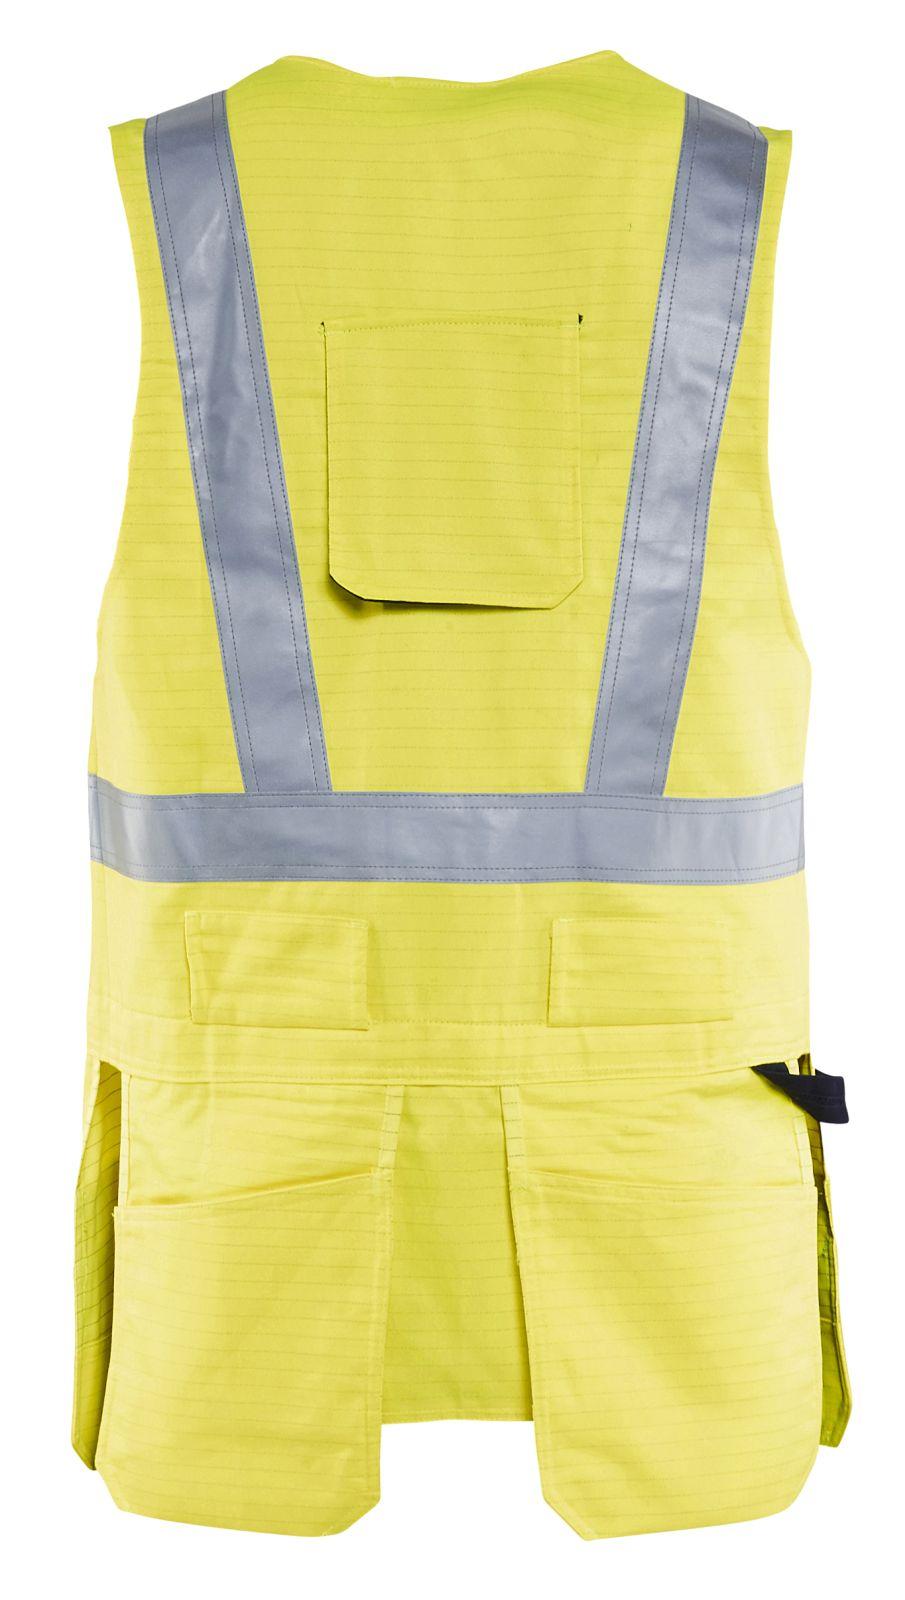 Blaklader Multinorm Werkvesten 30781506 geel(3300)